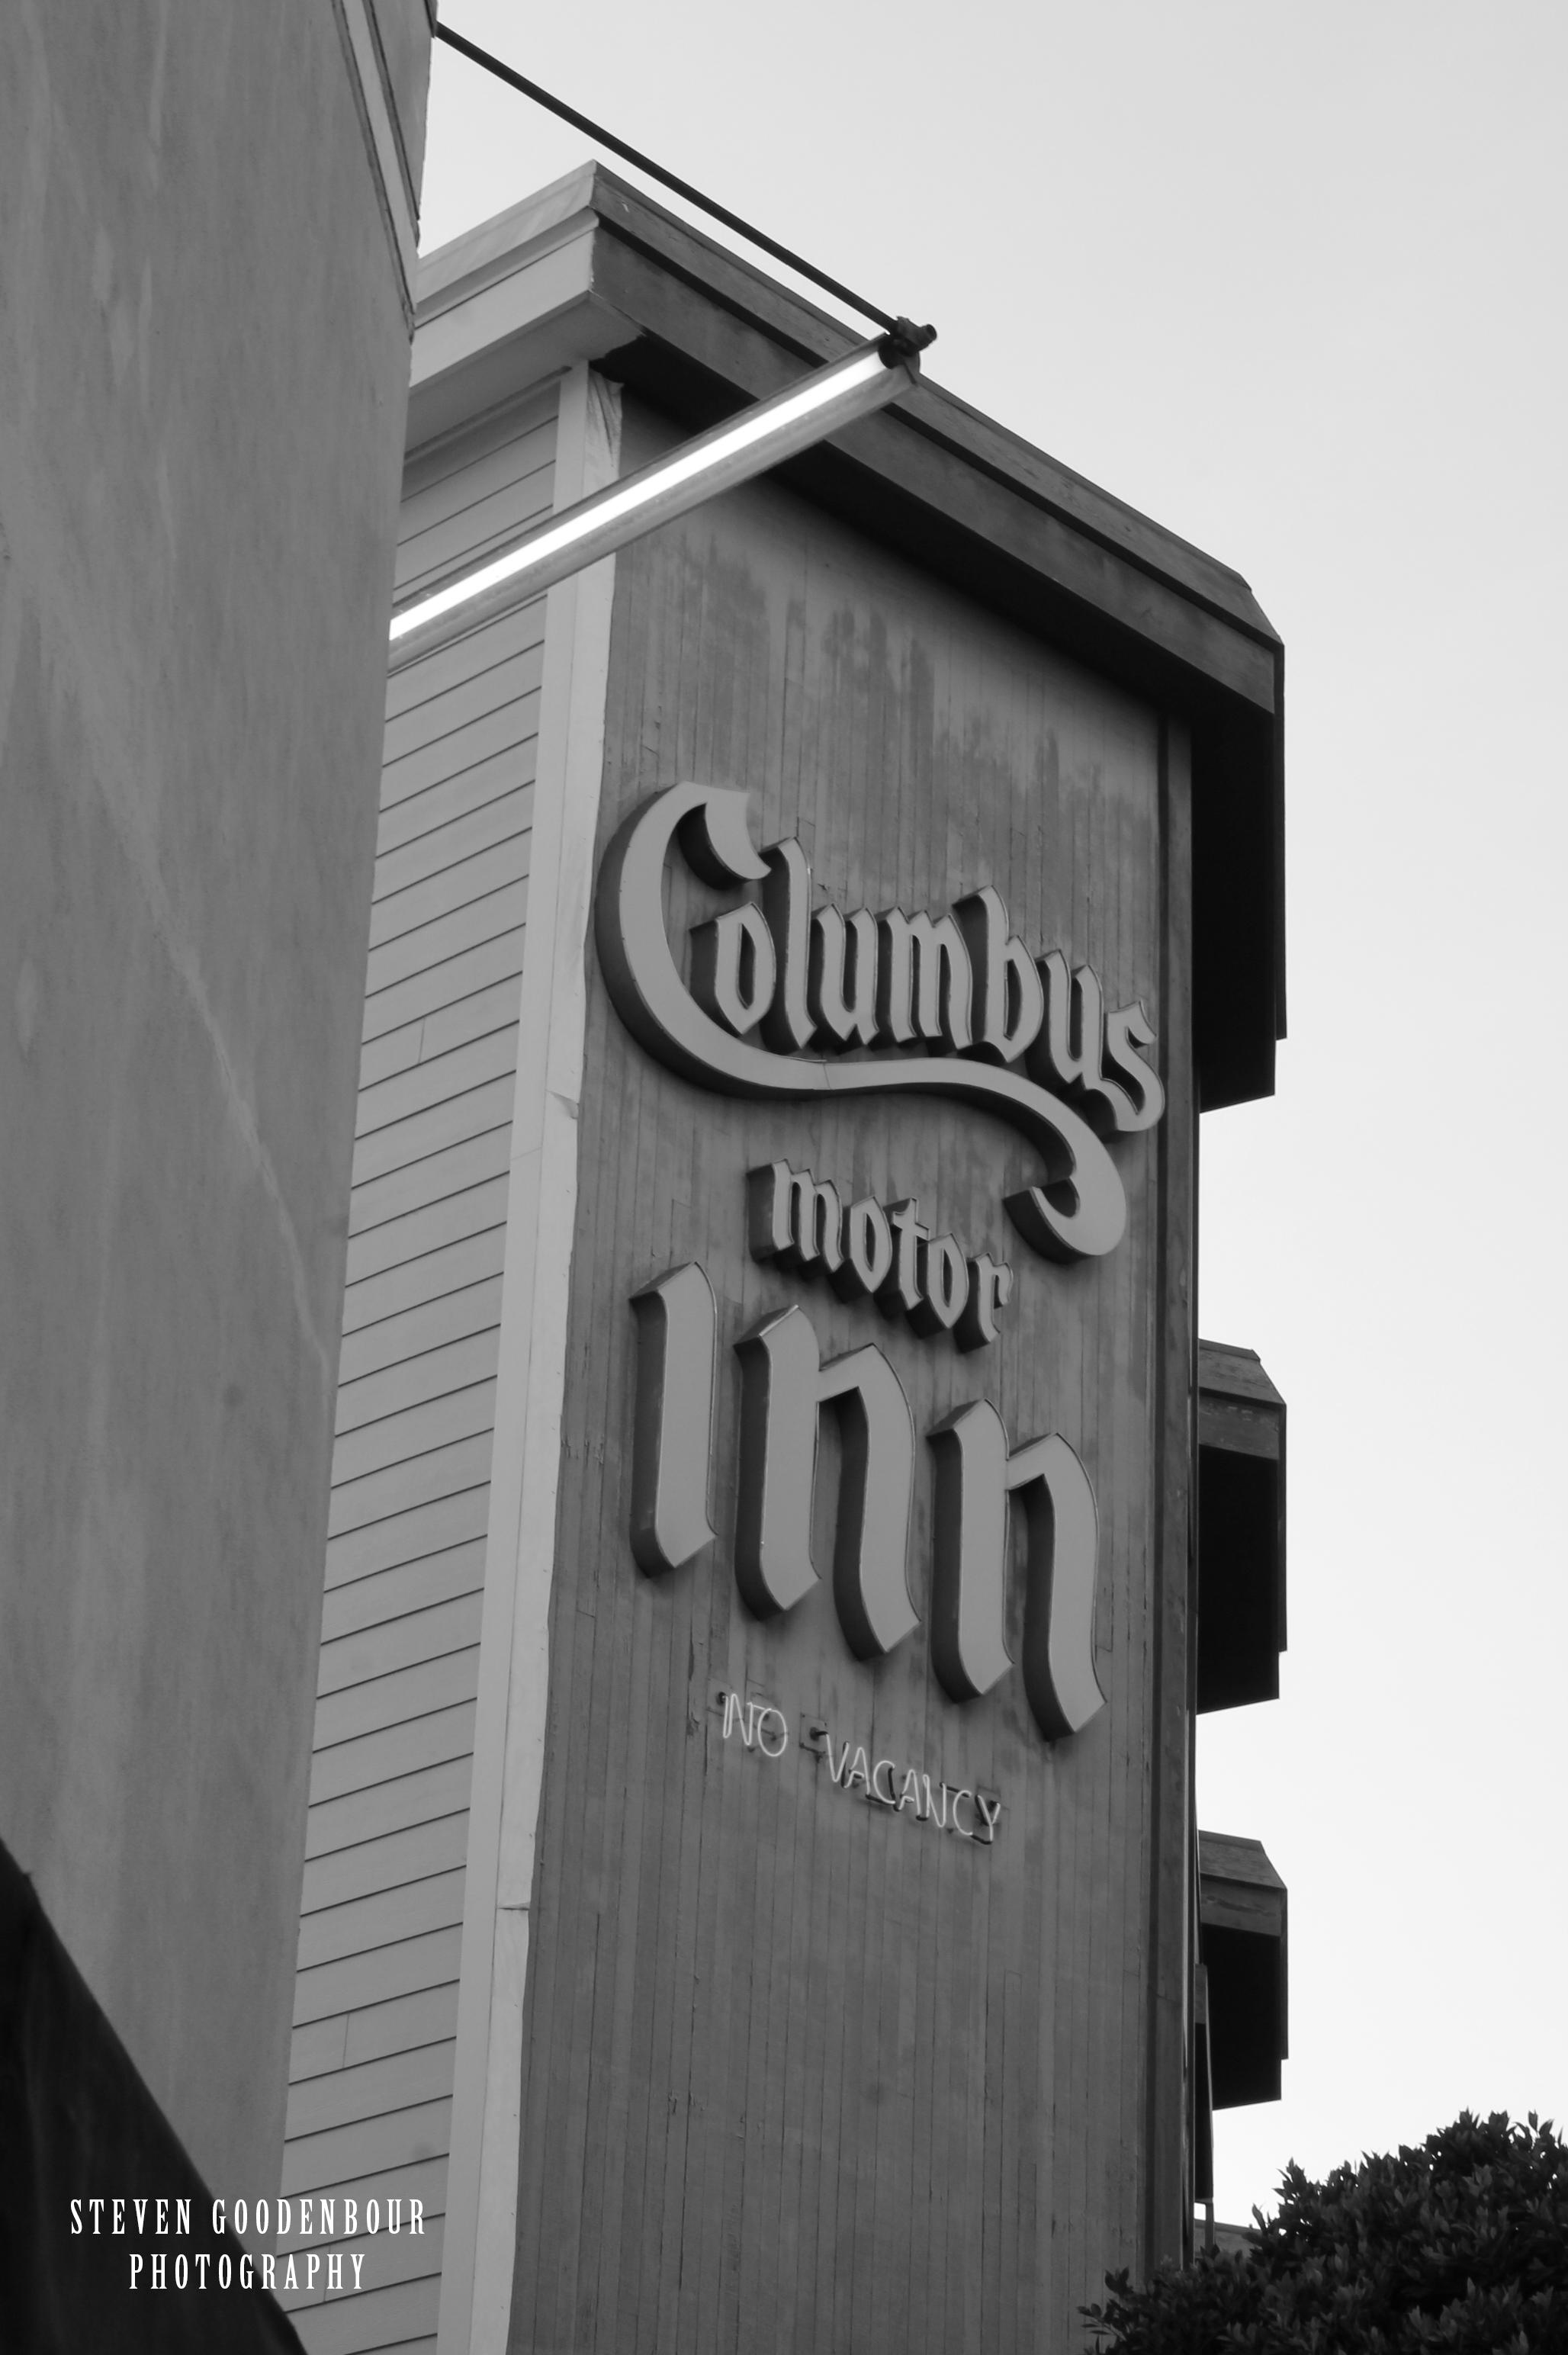 Columbus Motor Inn Steven Goodenbour Photography